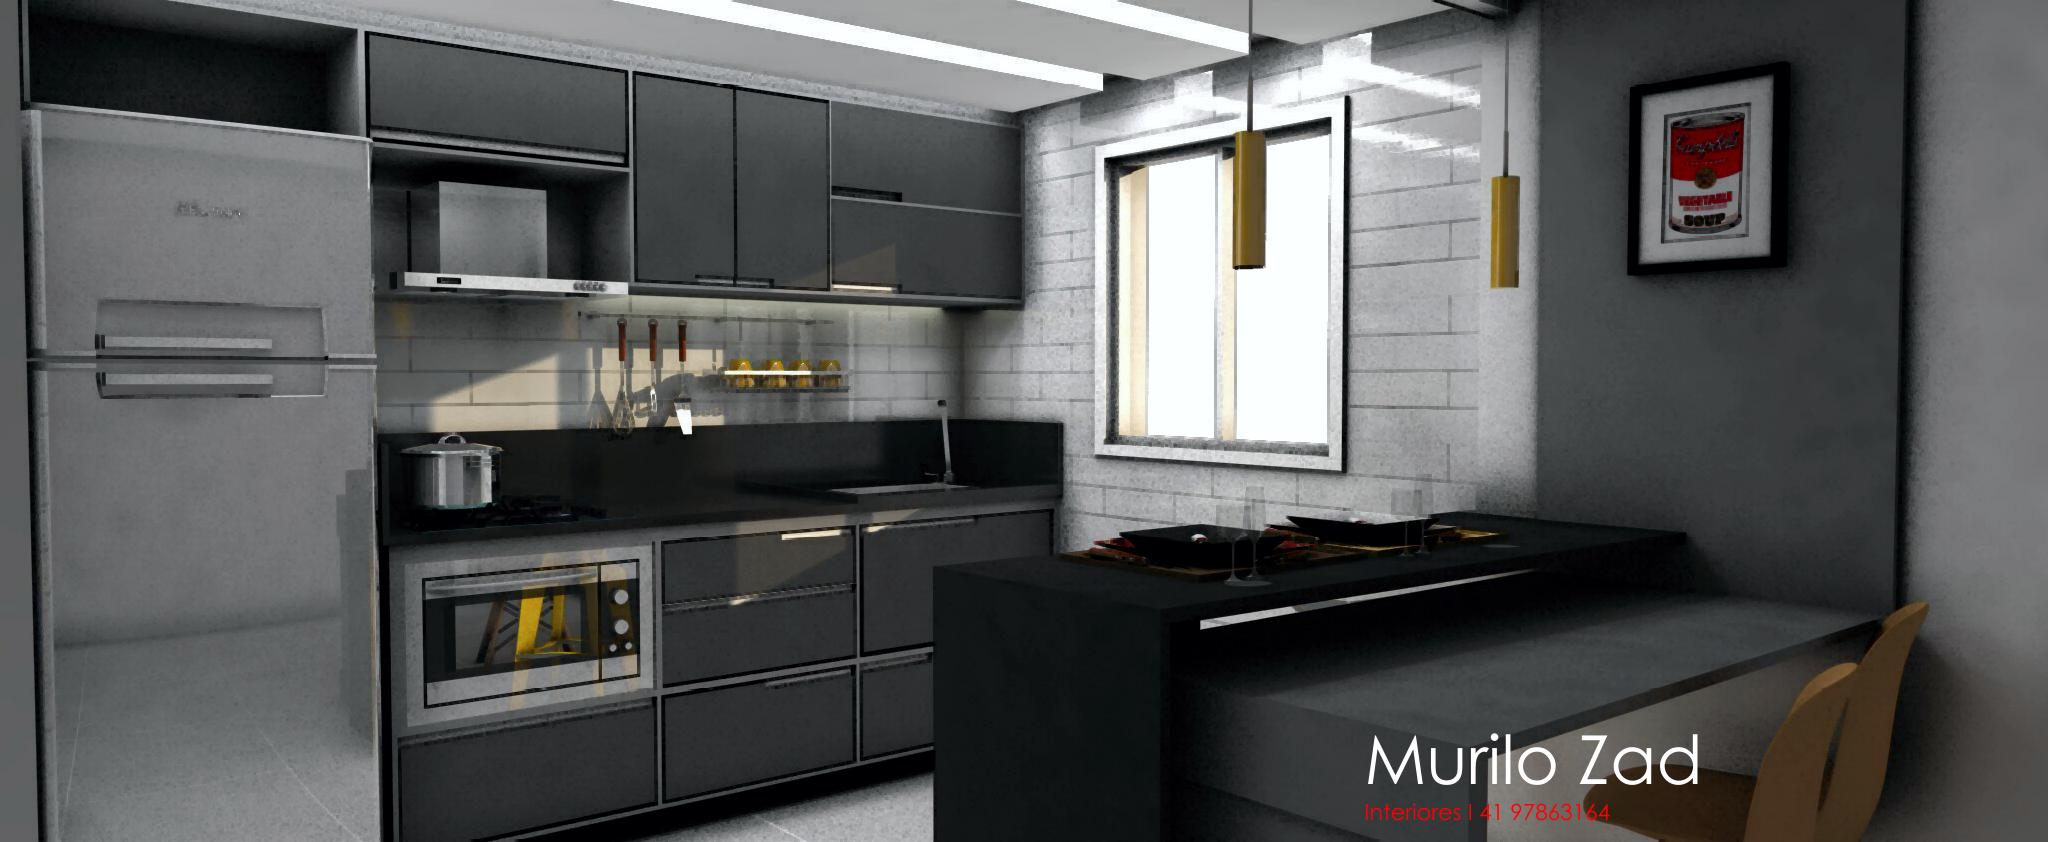 de cozinha planejada cozinha pequena planejada projetos de cozinhas  #663B2A 2048 842